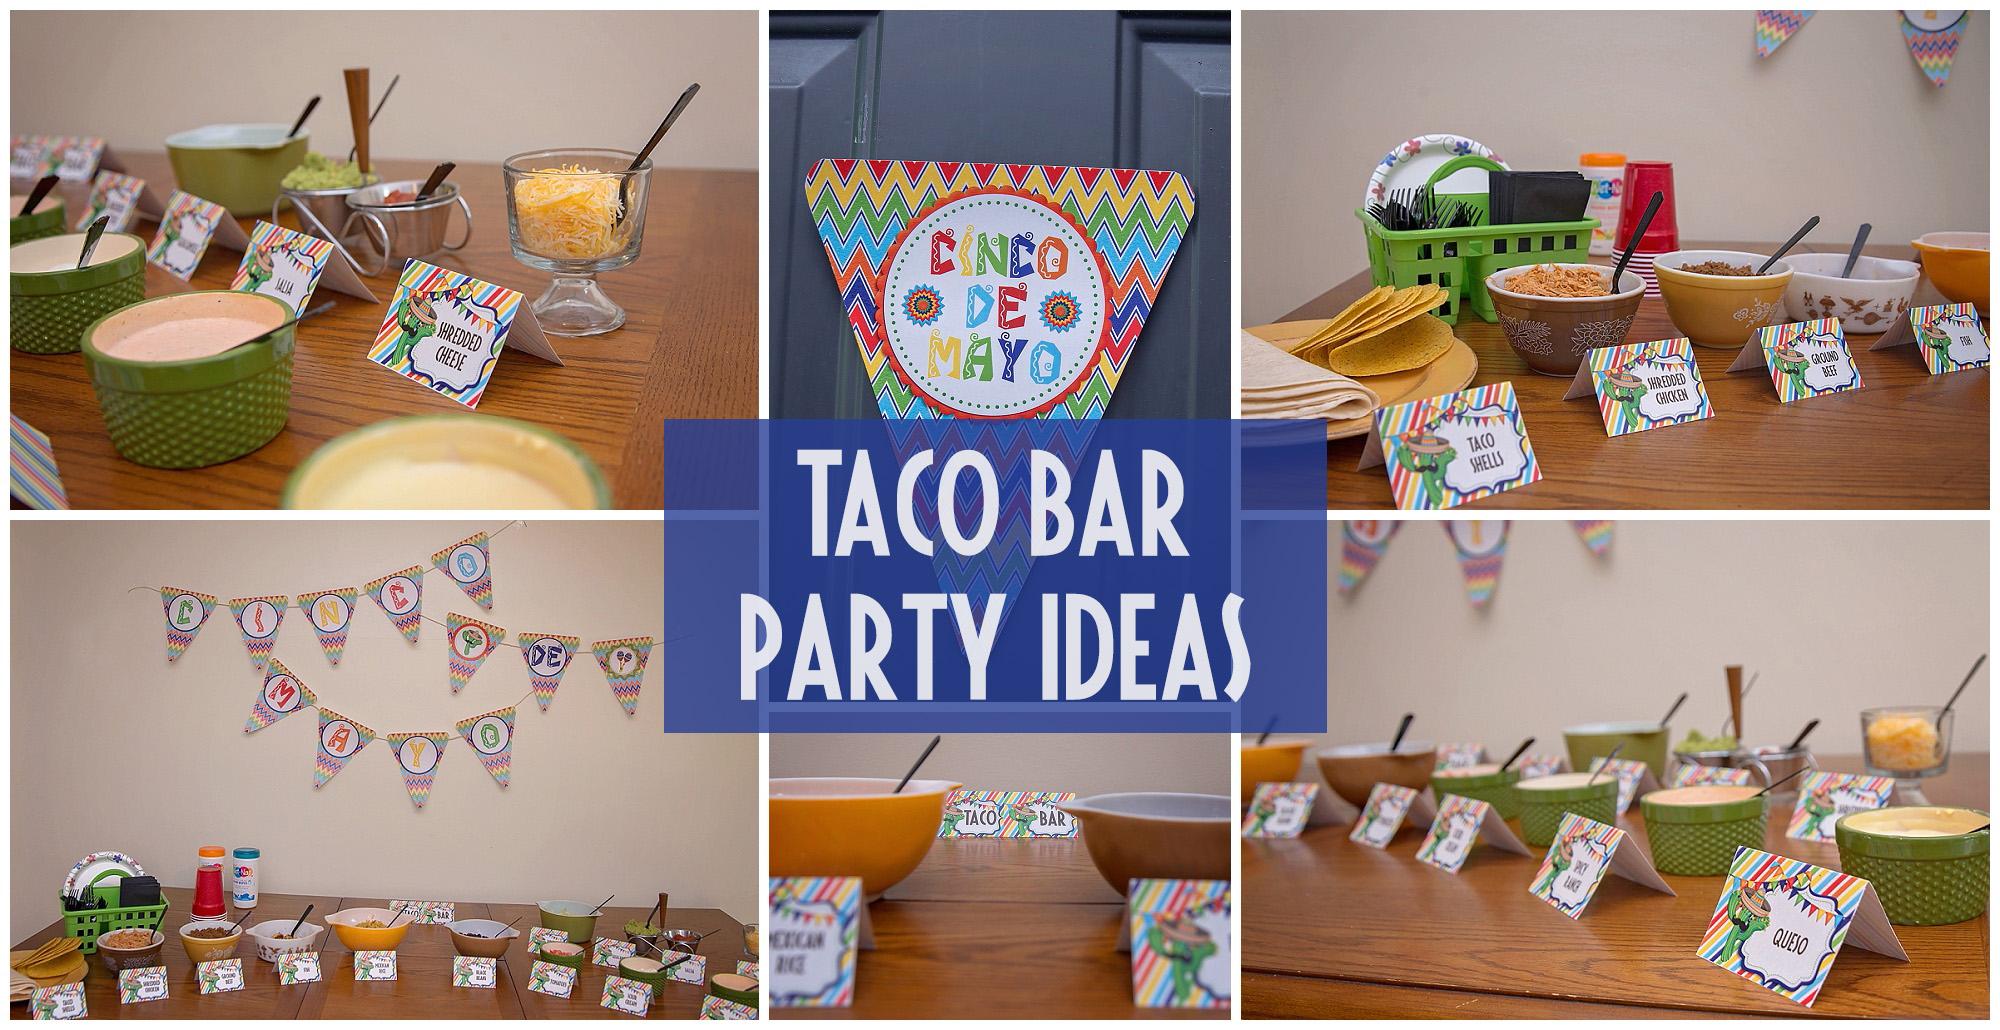 Taco Bar Party Ideas By Sarah Halstead